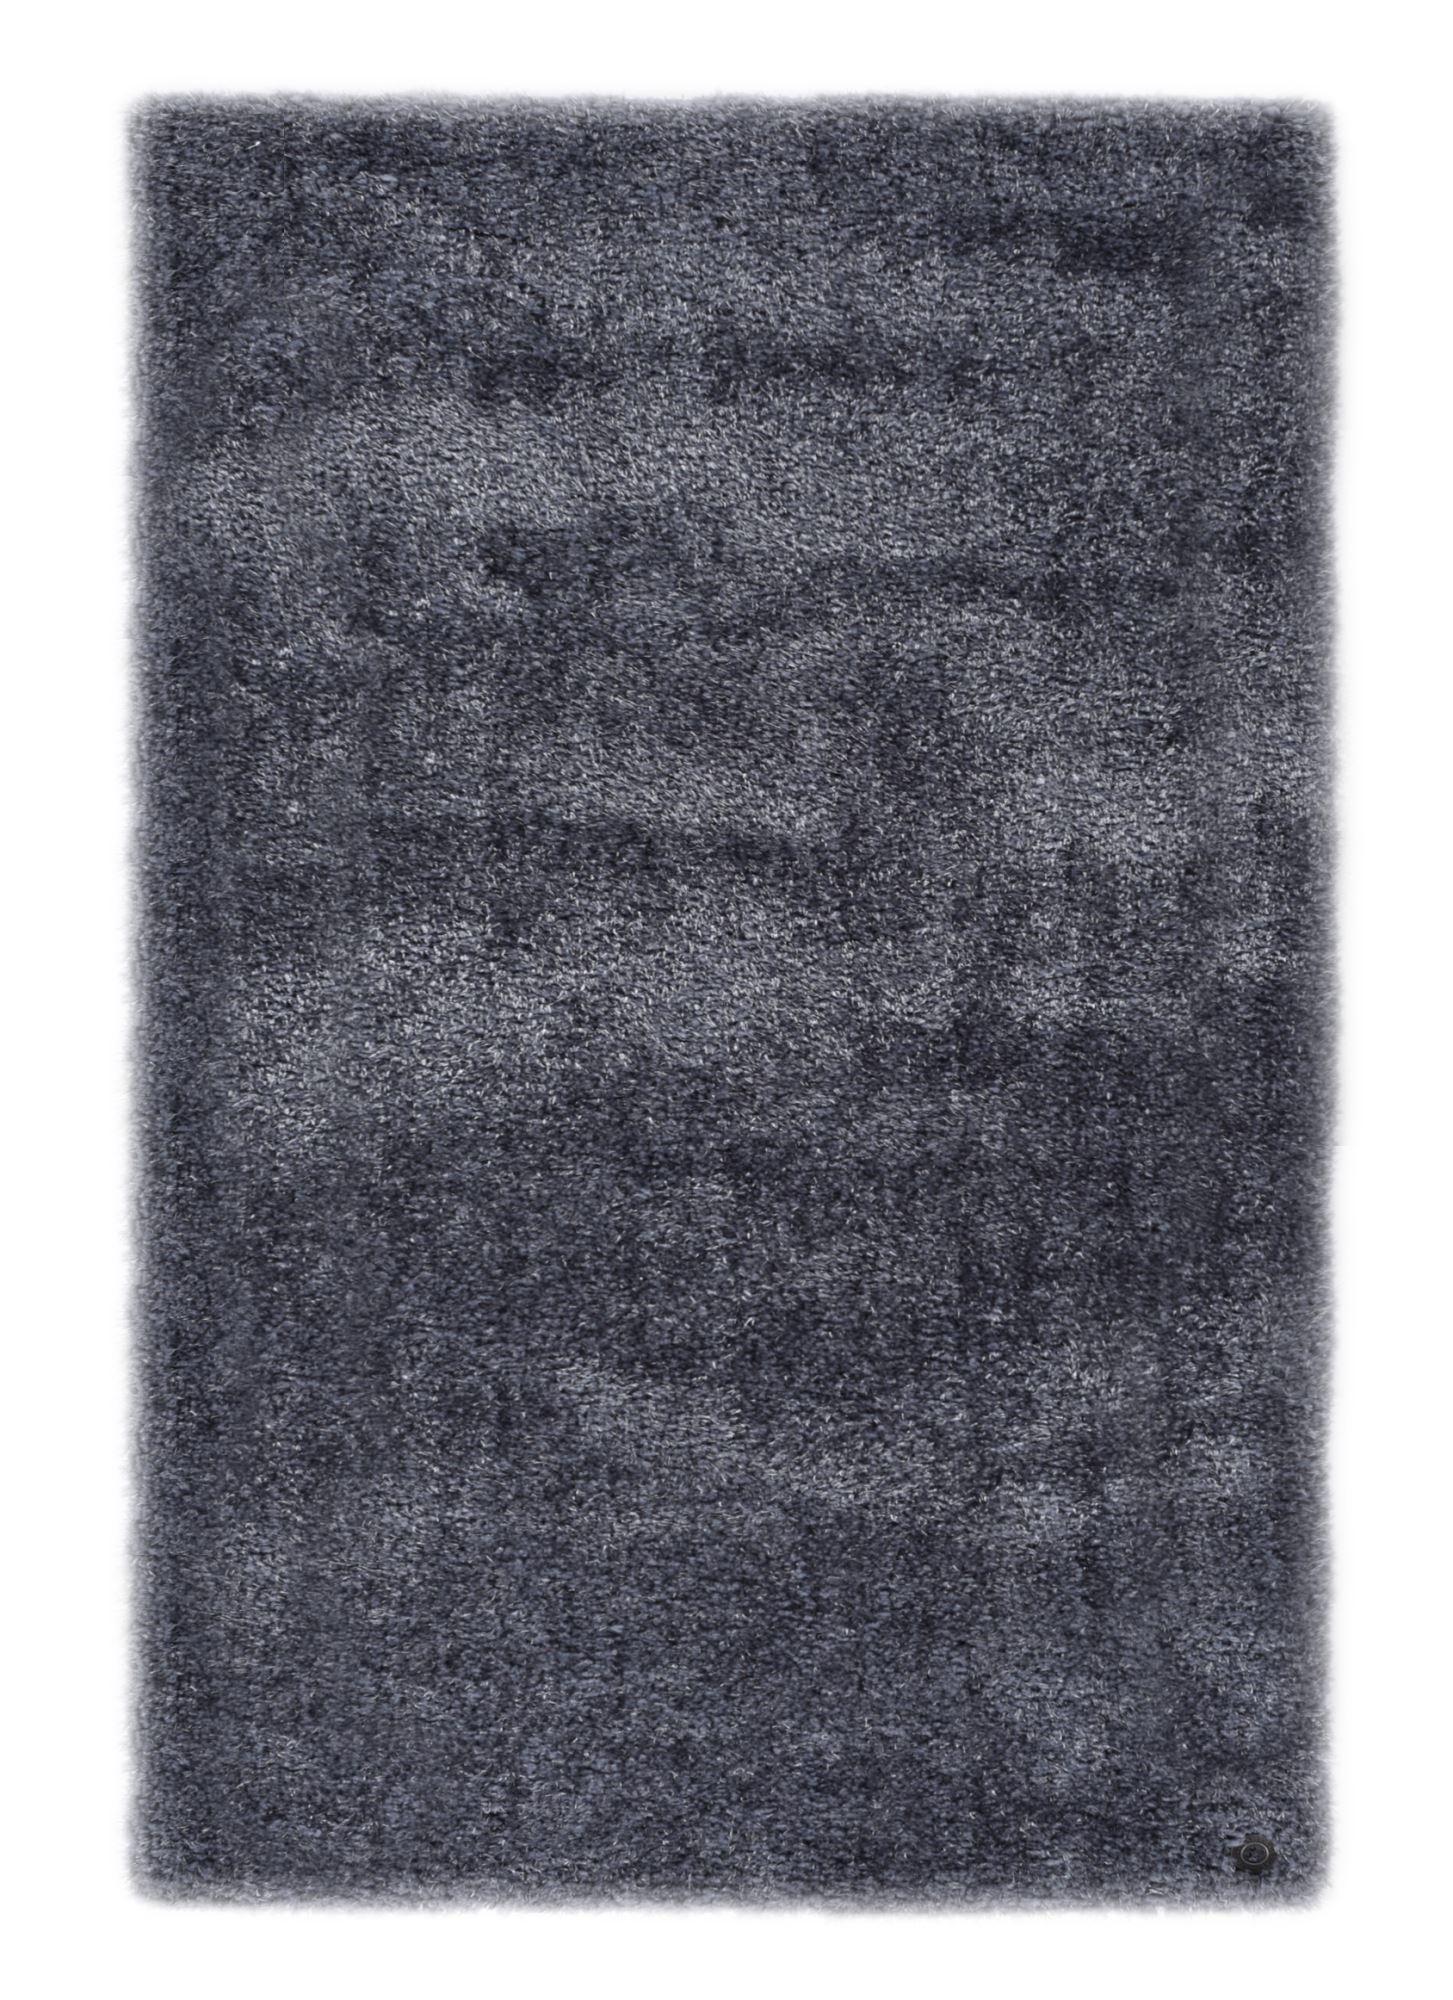 Tapis brilliant shaggy - à  longs poils - épais - Anthracite 160x230